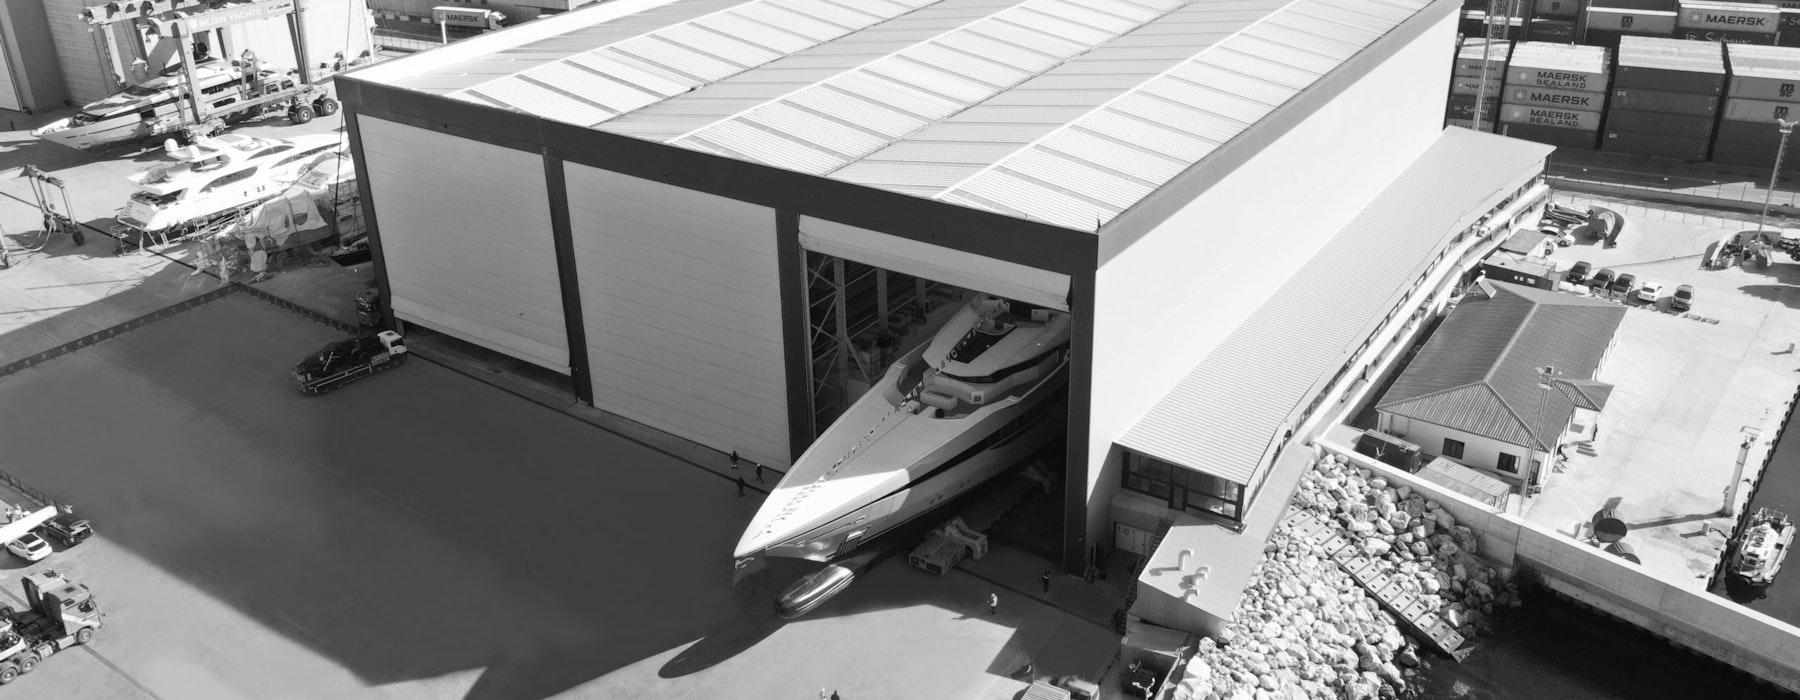 Bilgin Yachts Shipyard Profile